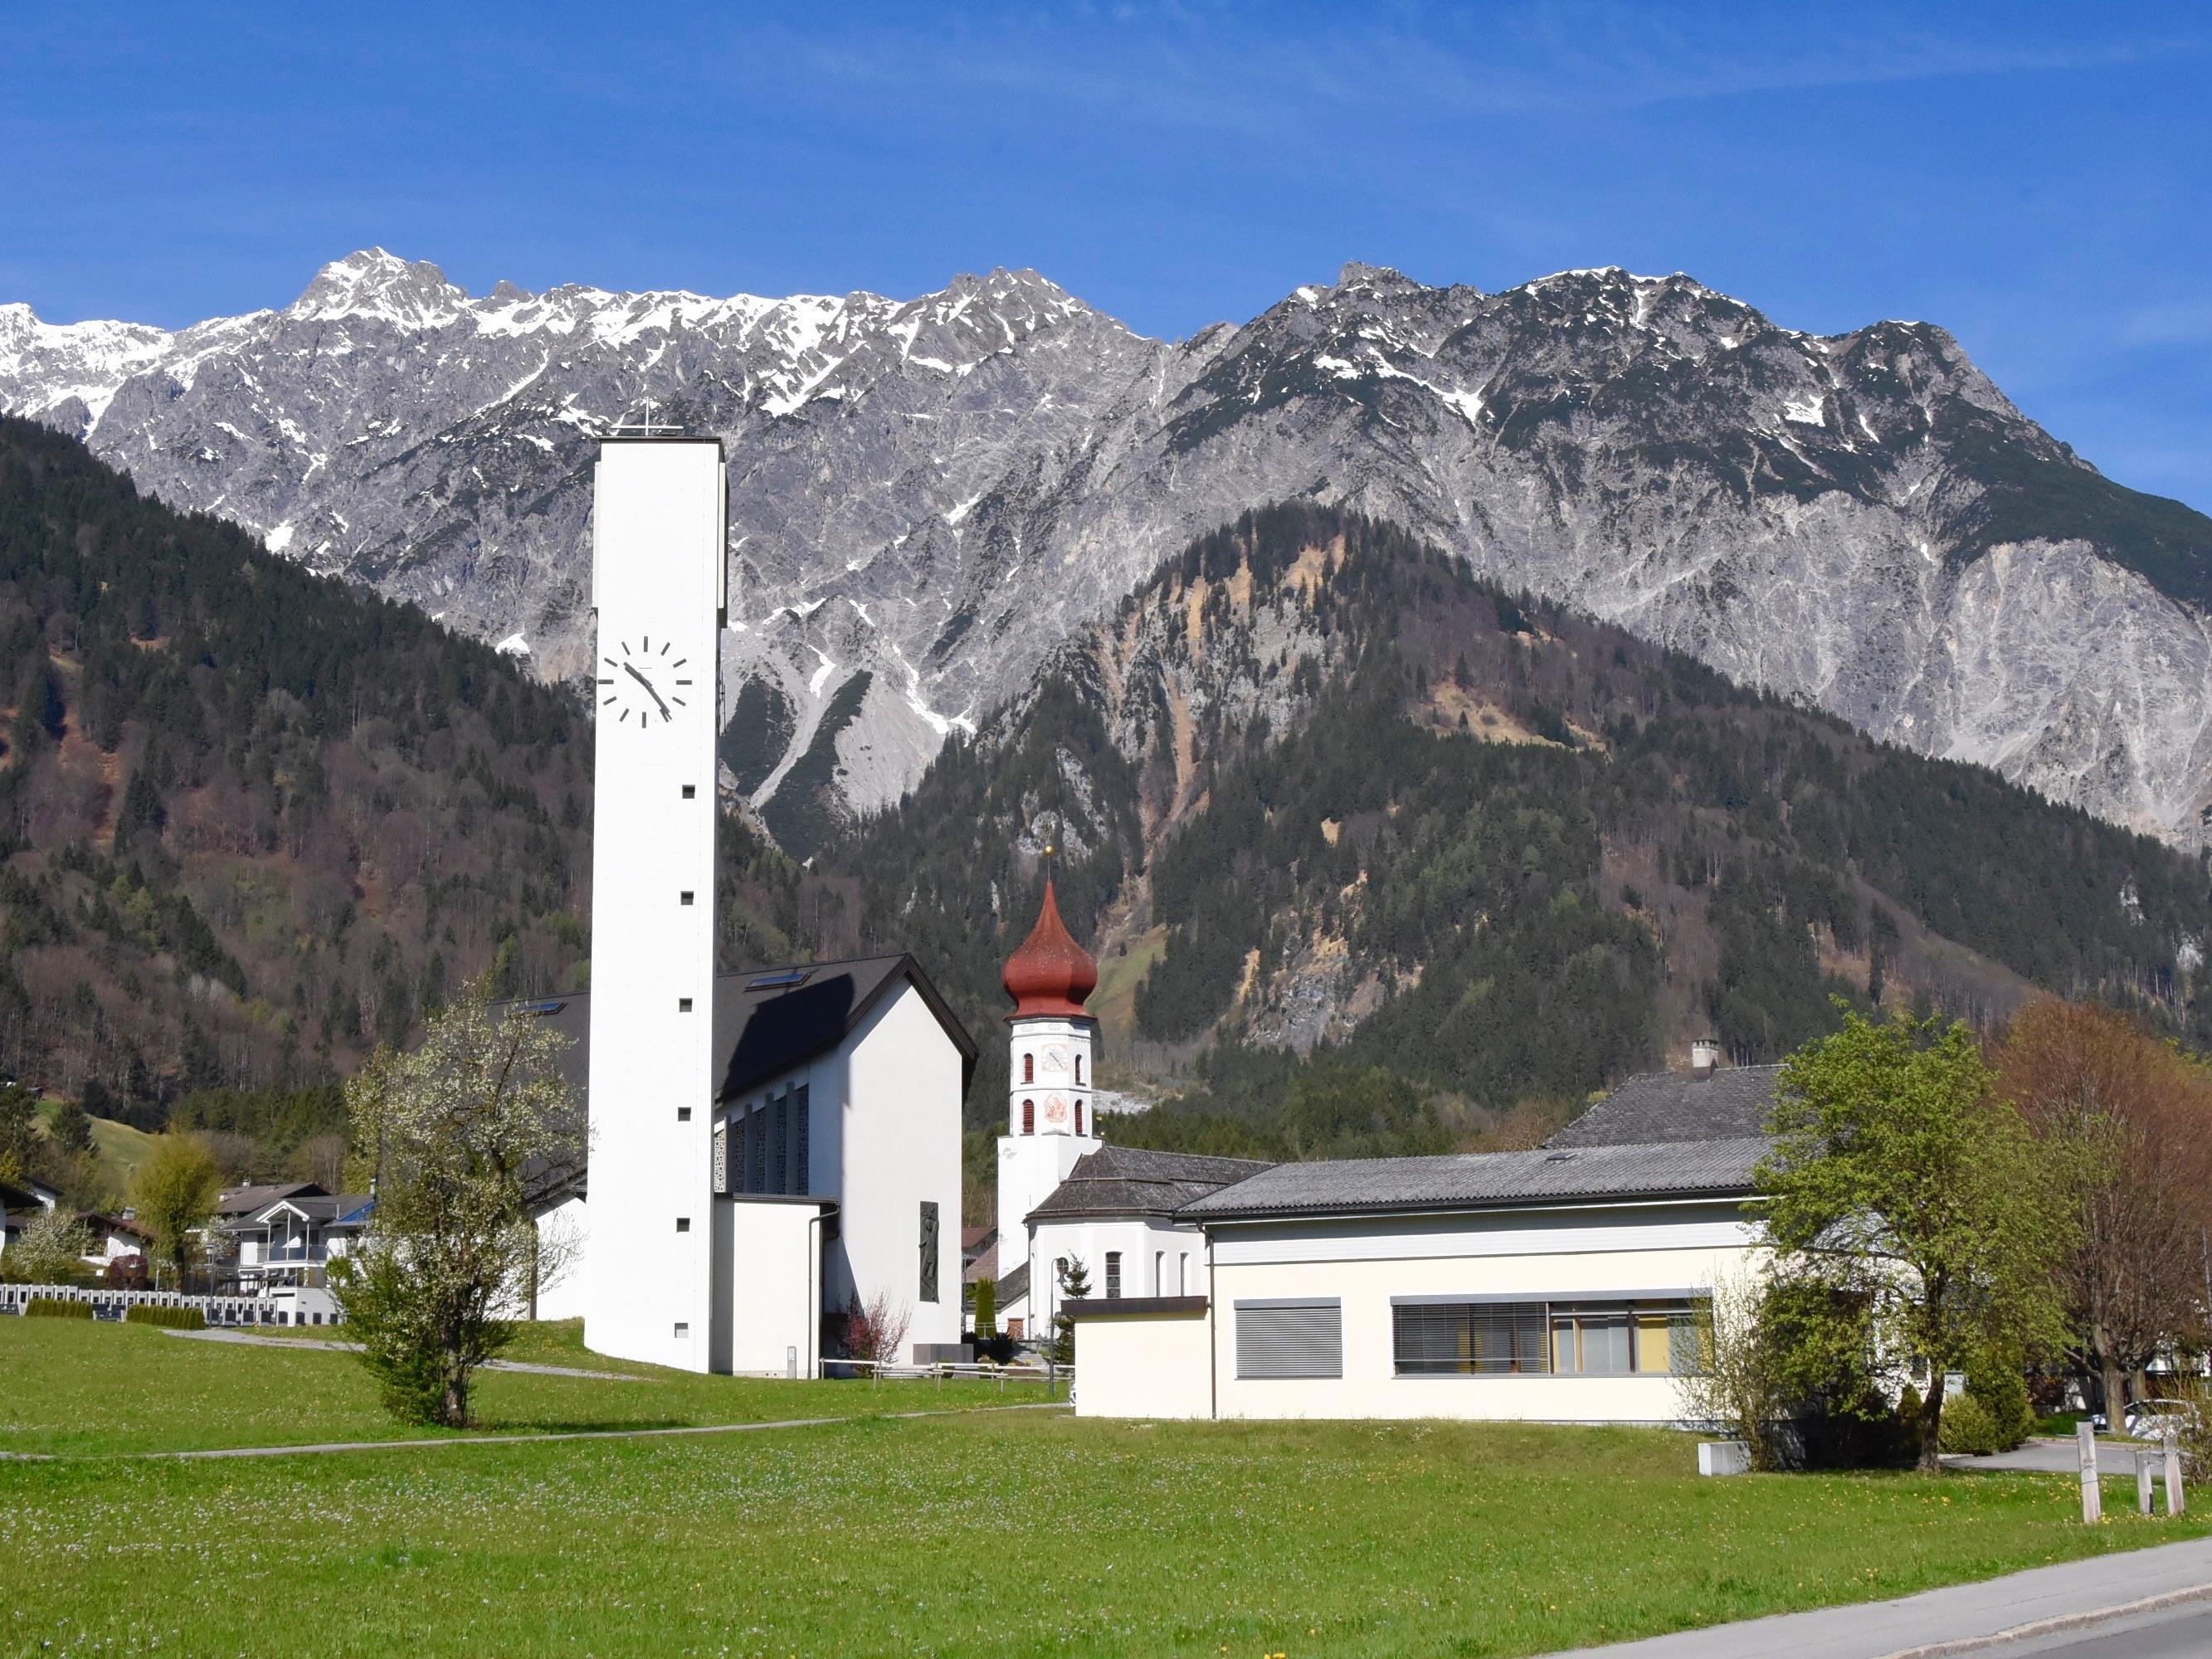 Neue und Alte Pfarrkirche Vandans mit Vandanser Steinwand in einer Aufnahme vom Mittwoch vor Ostern 2017